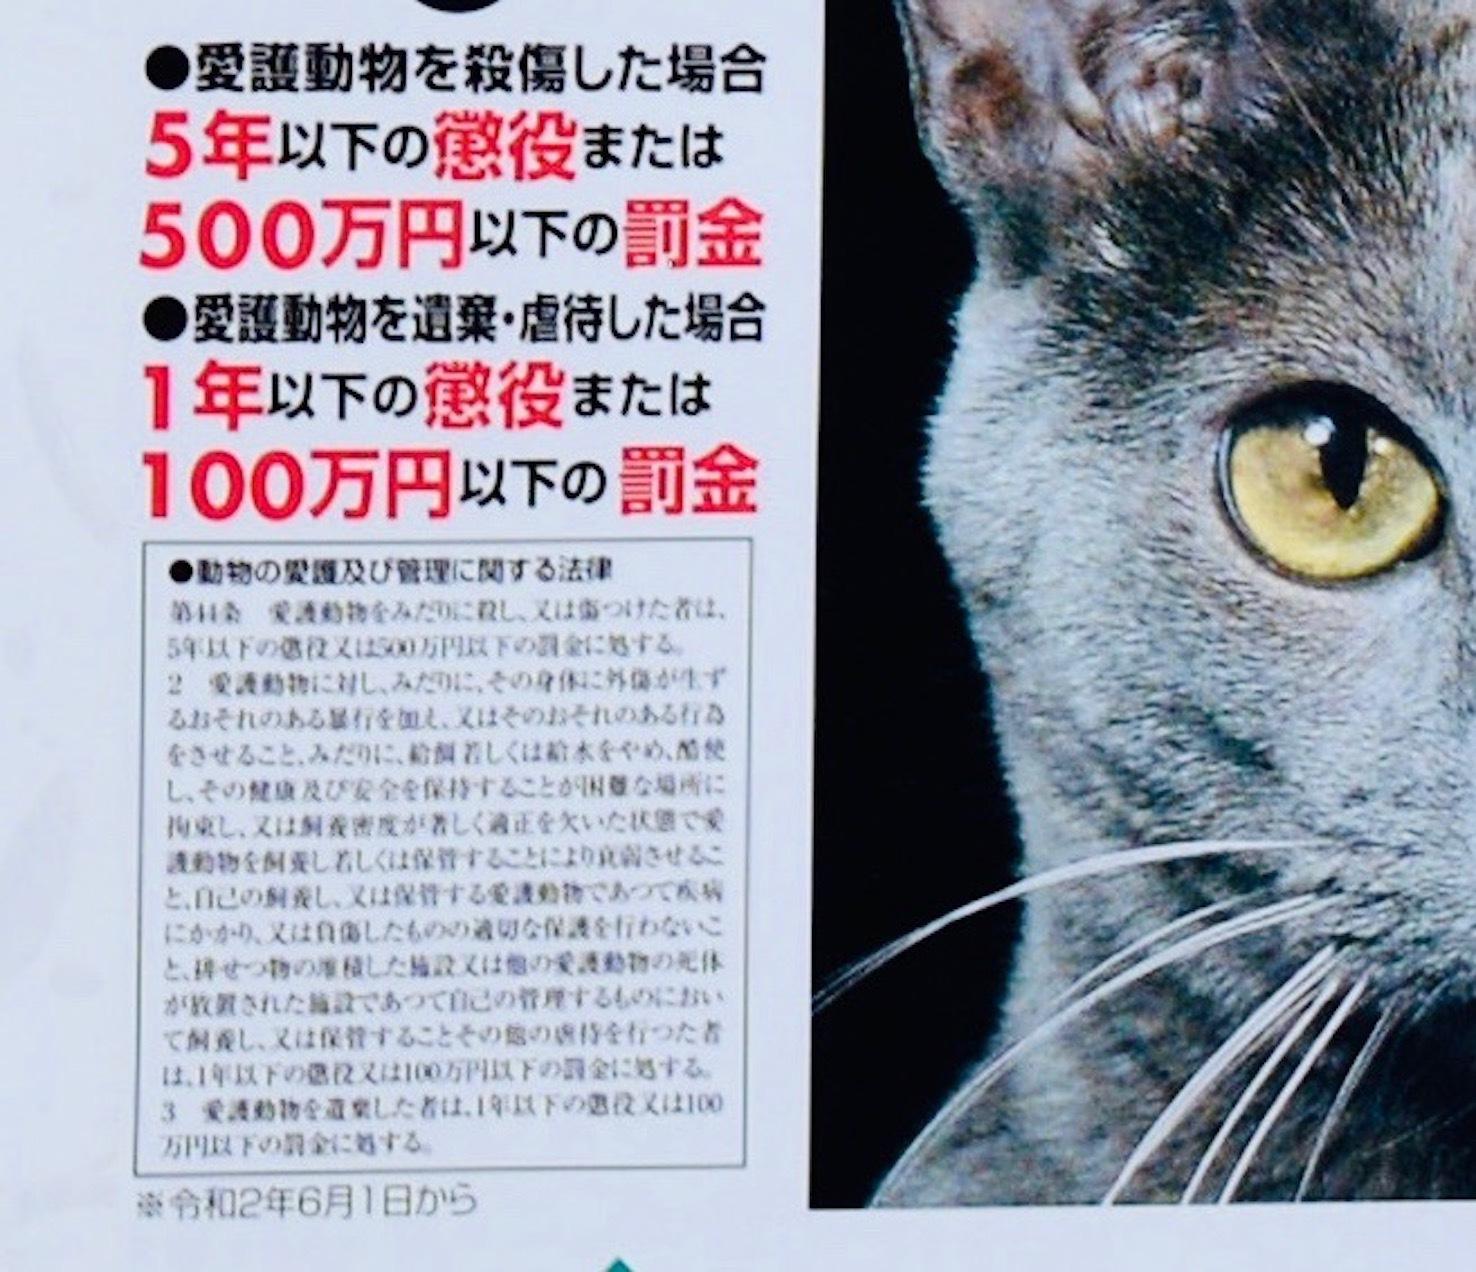 動物愛護週間(9月20日〜26日)_d0073743_15404926.jpeg